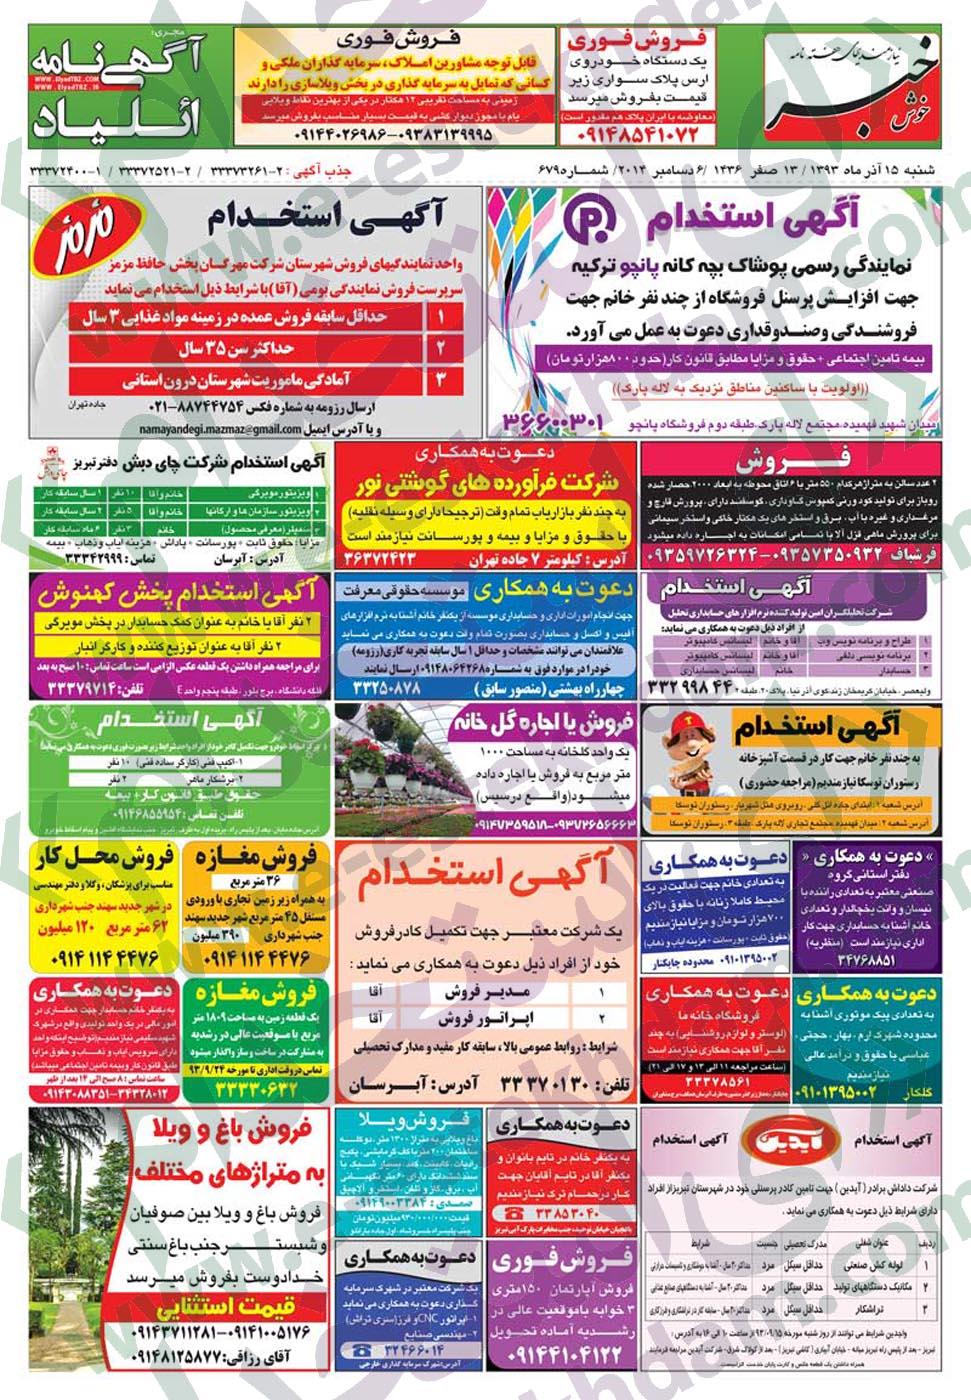 استخدام در پذیرش آزمایشگاه های کرج تردمیل در تبریز | استخدام در آزمایشگاه های تبریز - تردمیل ...